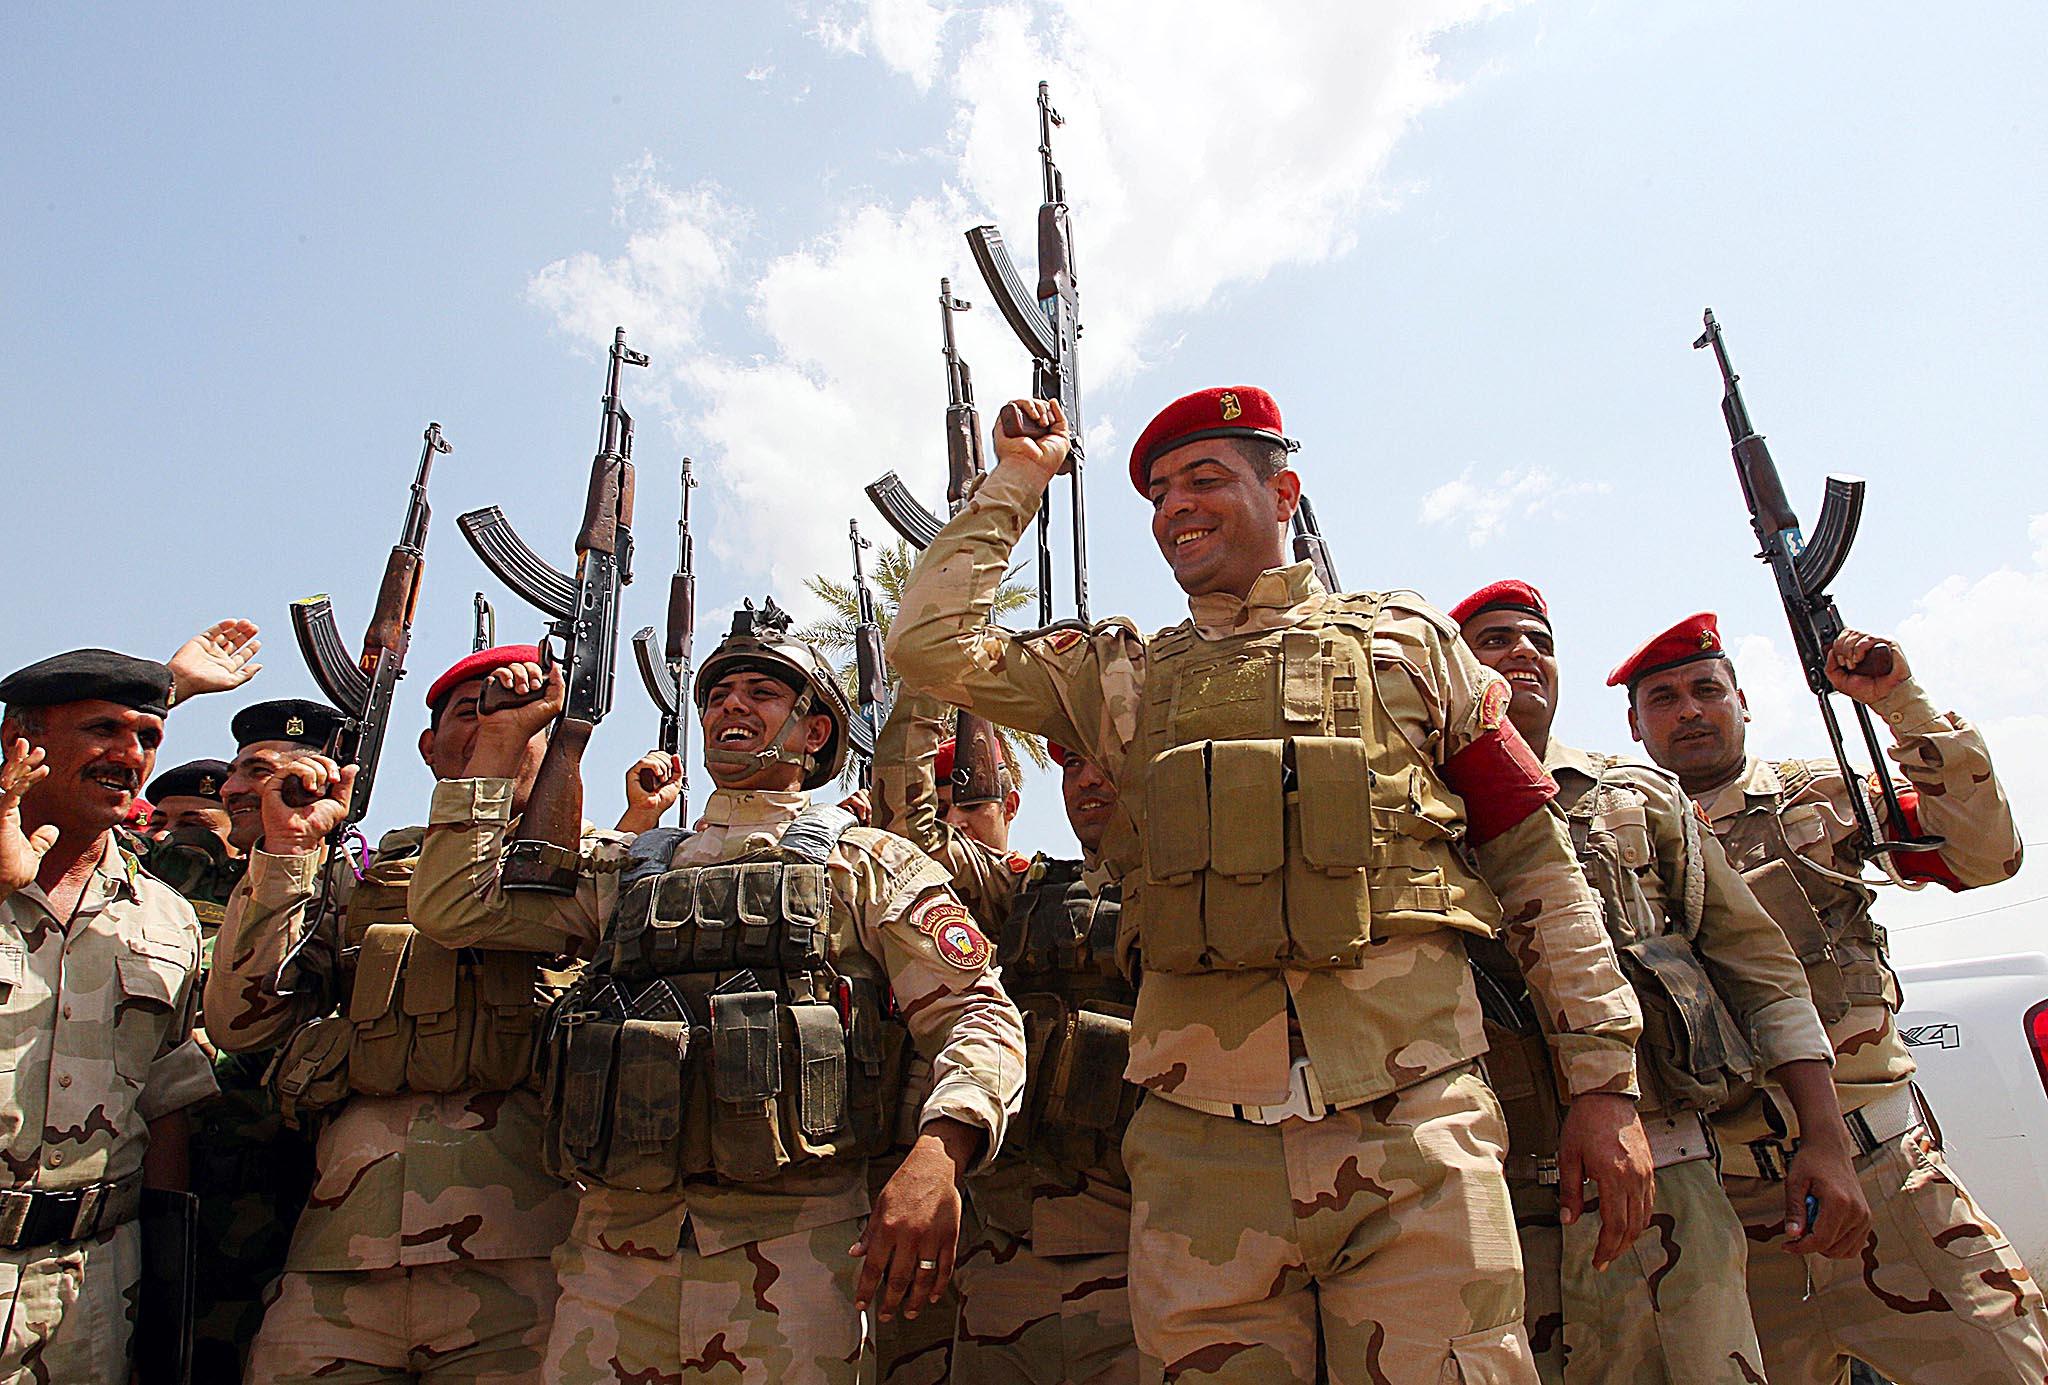 جنود عراقيون يتساءلون: لماذا يريد ترامب منعنا من السفر إلى أمريكا؟